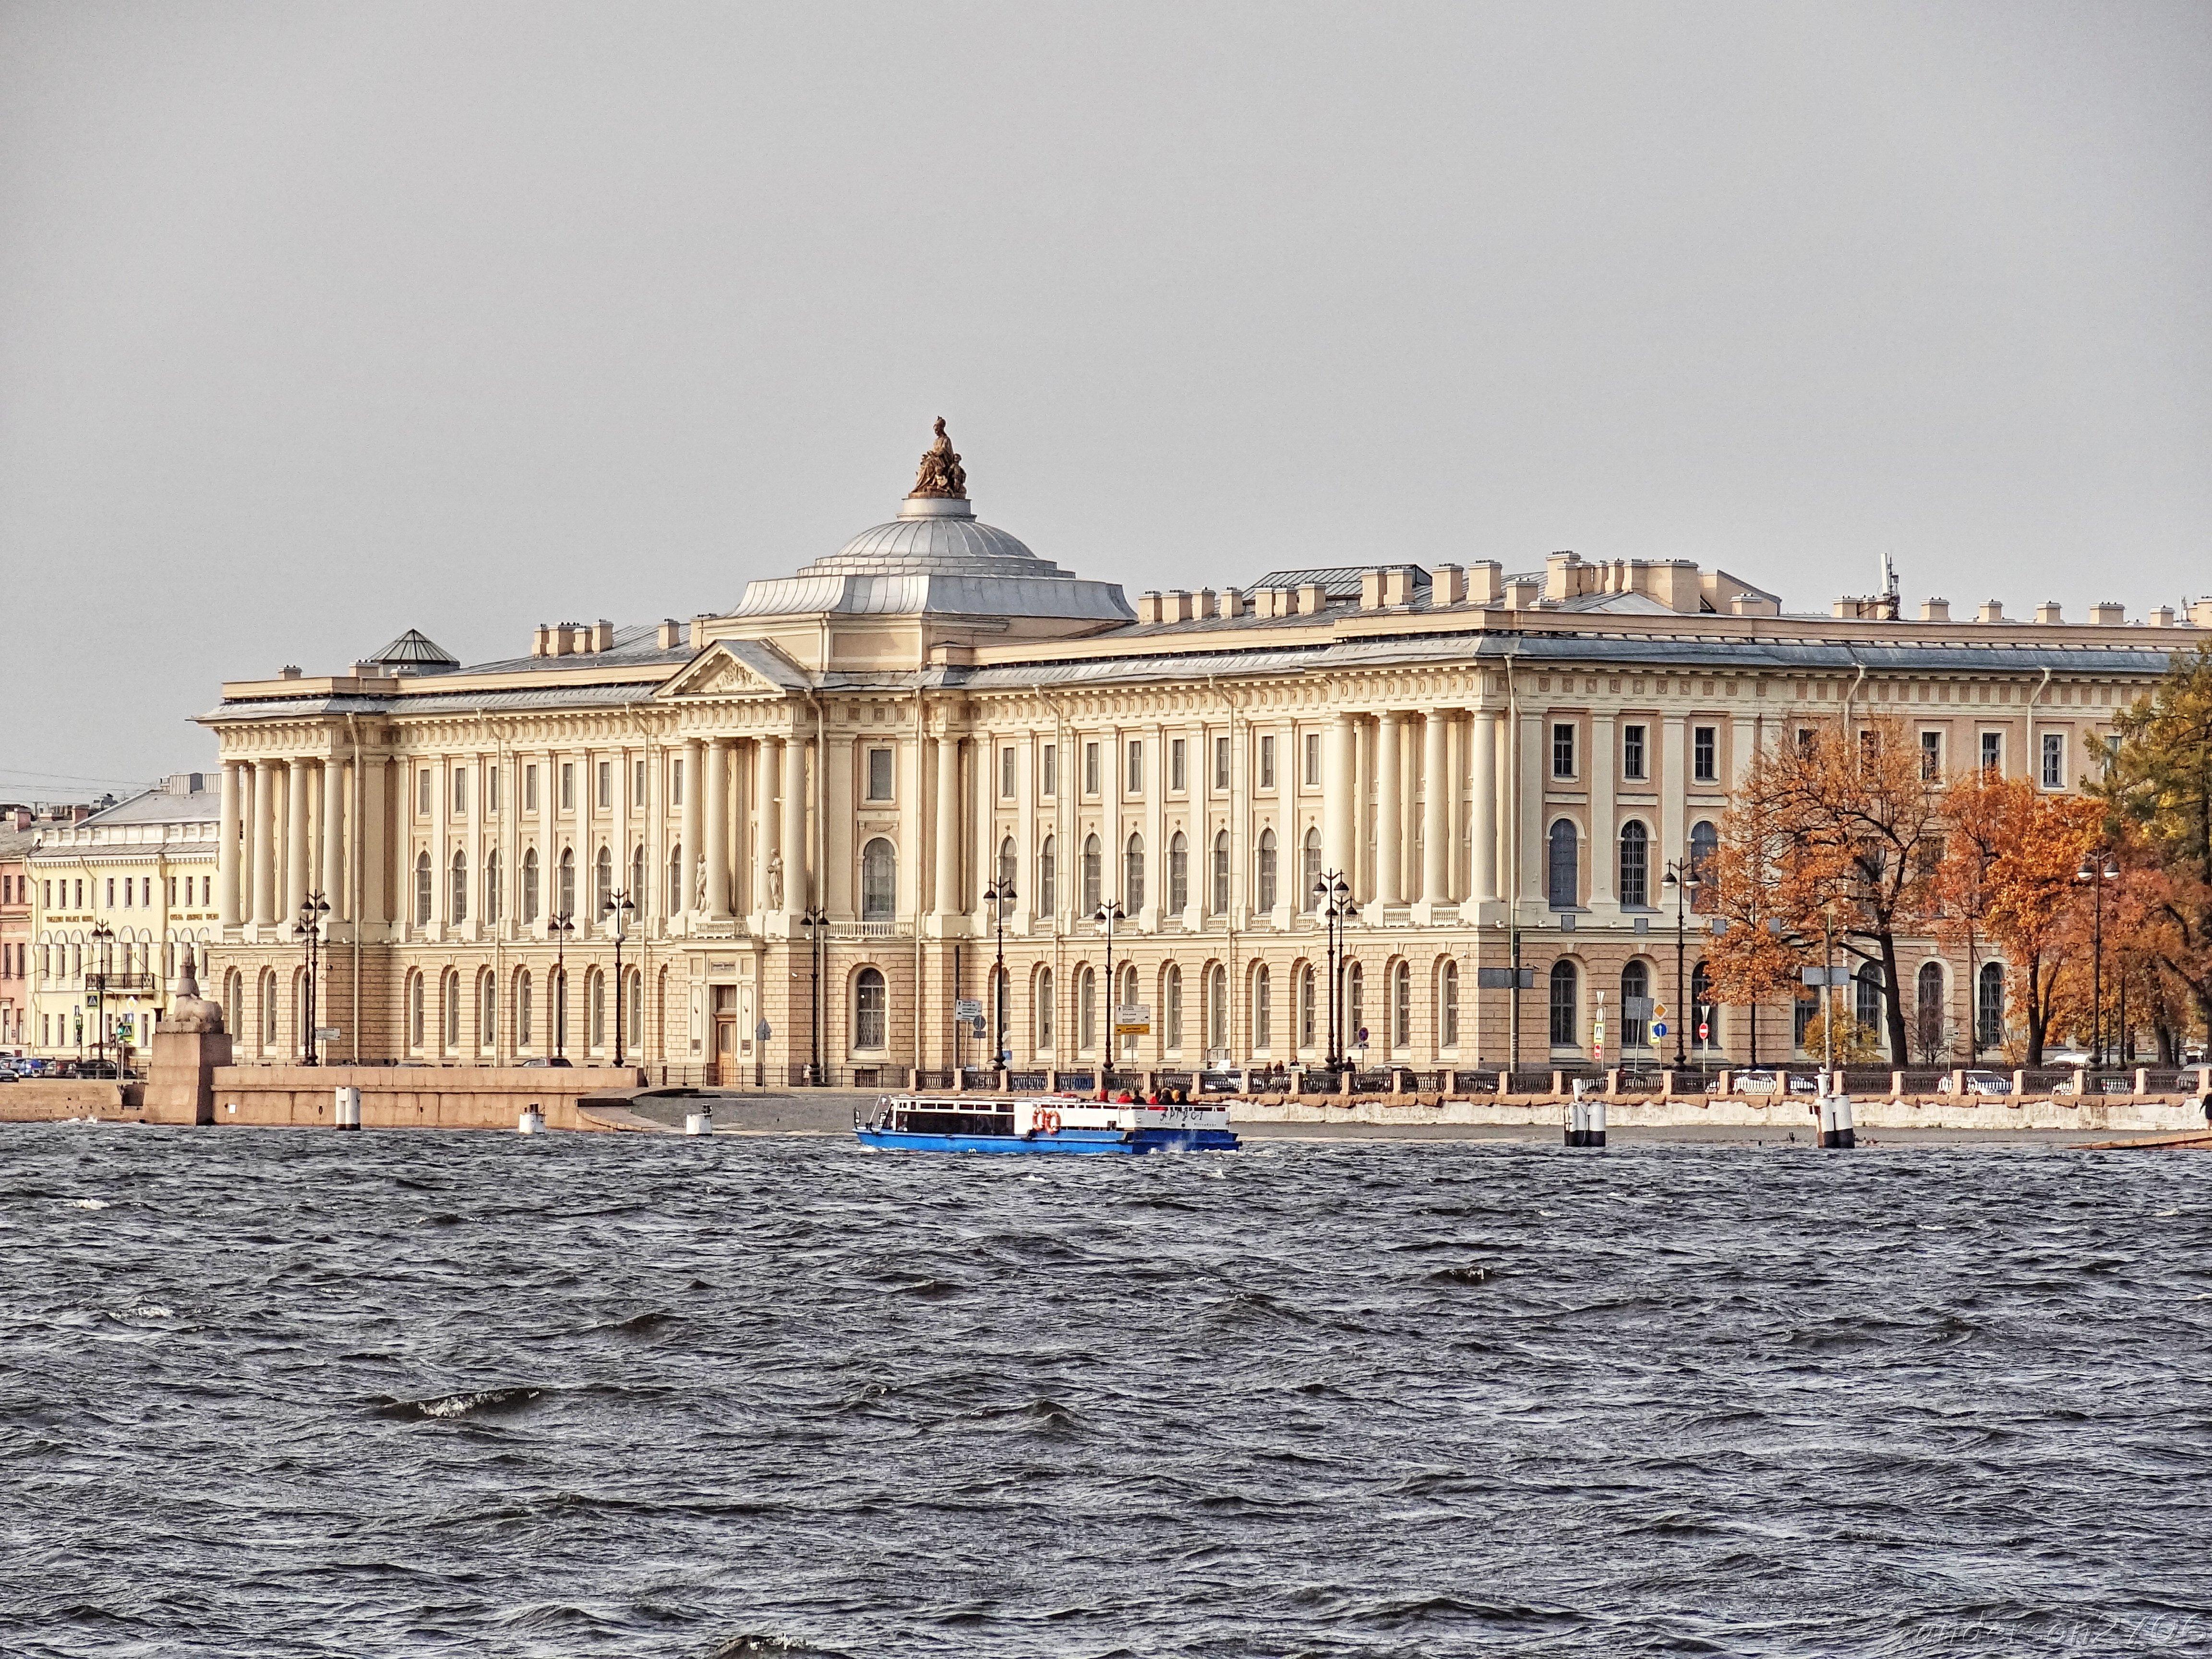 восточному институты для фотографов в санкт петербурге матица удерживала